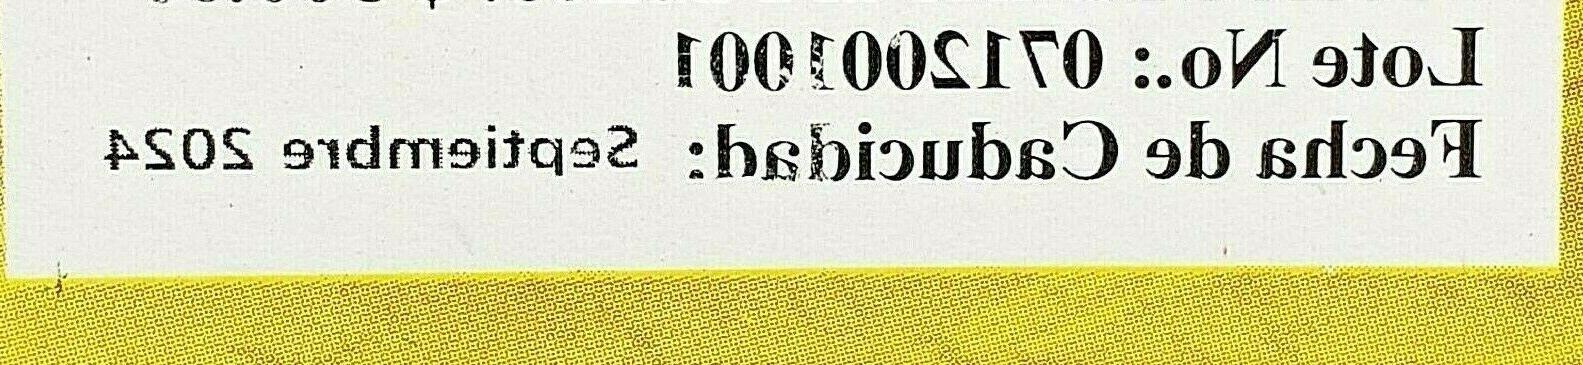 BEDOYECTA 60 2 en 1 COMPLEX B12 FOLIC Exp